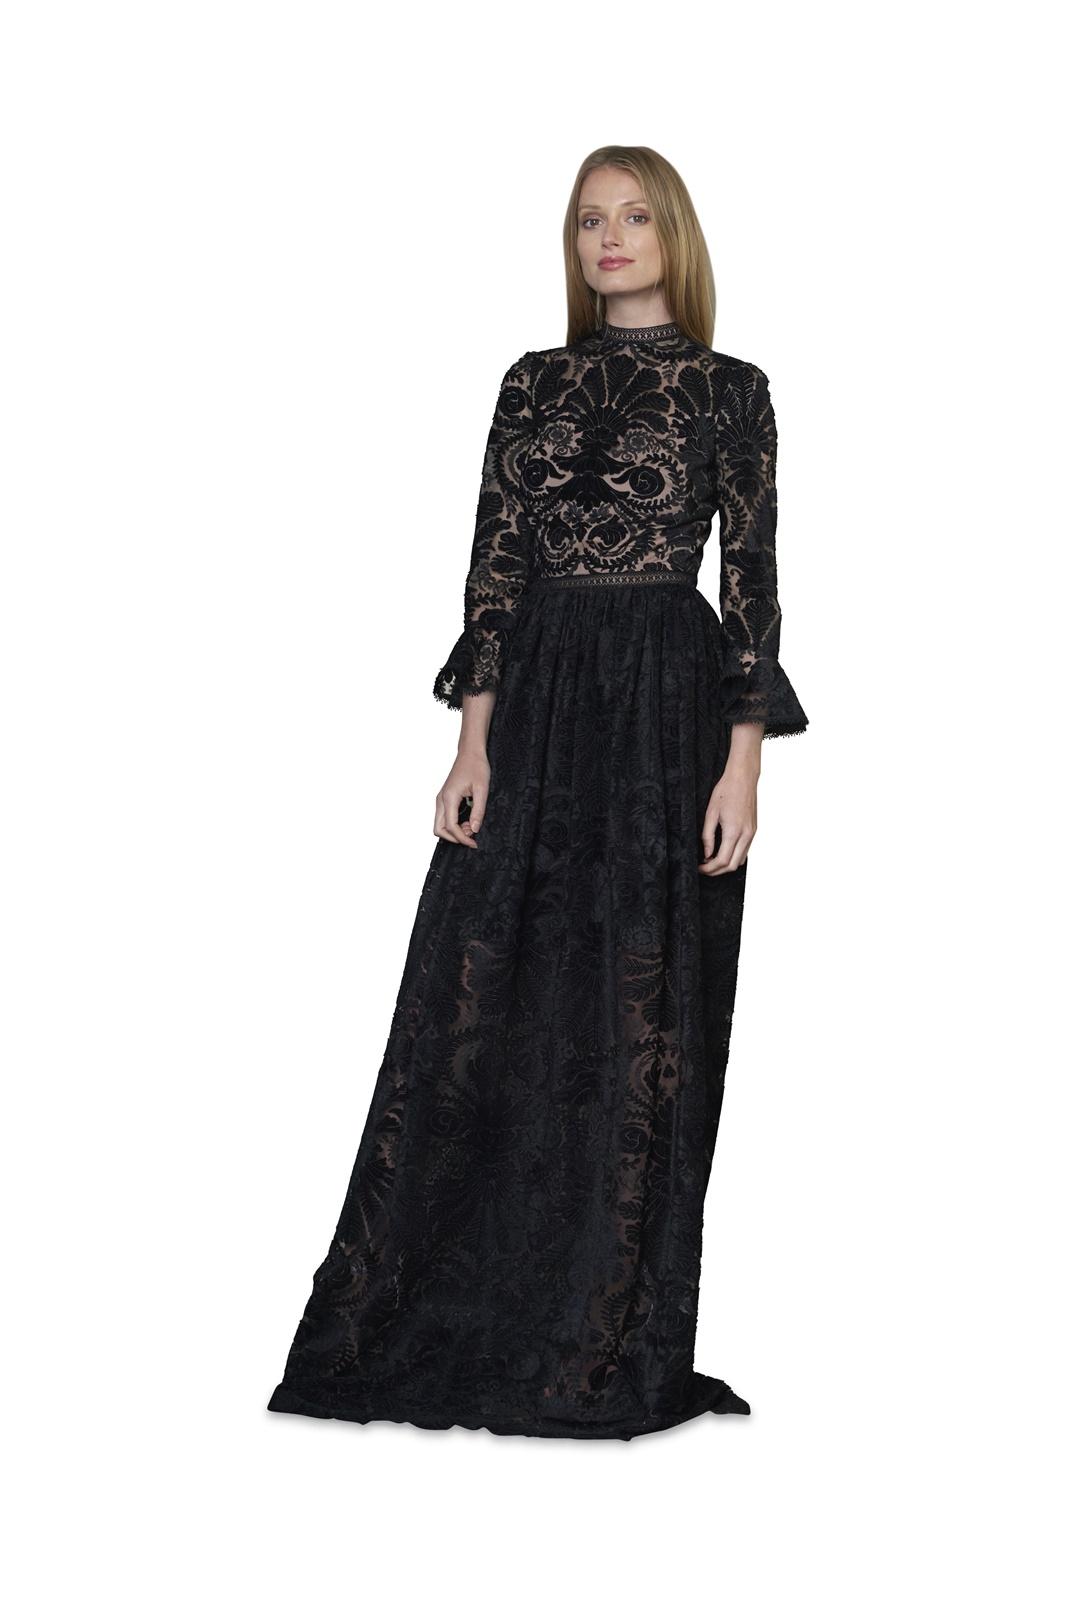 ベルベット生地のモチーフが付いた黒いチュールのロングドレスは裏地がベージュになっている長袖のエムエル・モニーク・ルイリエ(ML Monique Lhuilier)のドレス